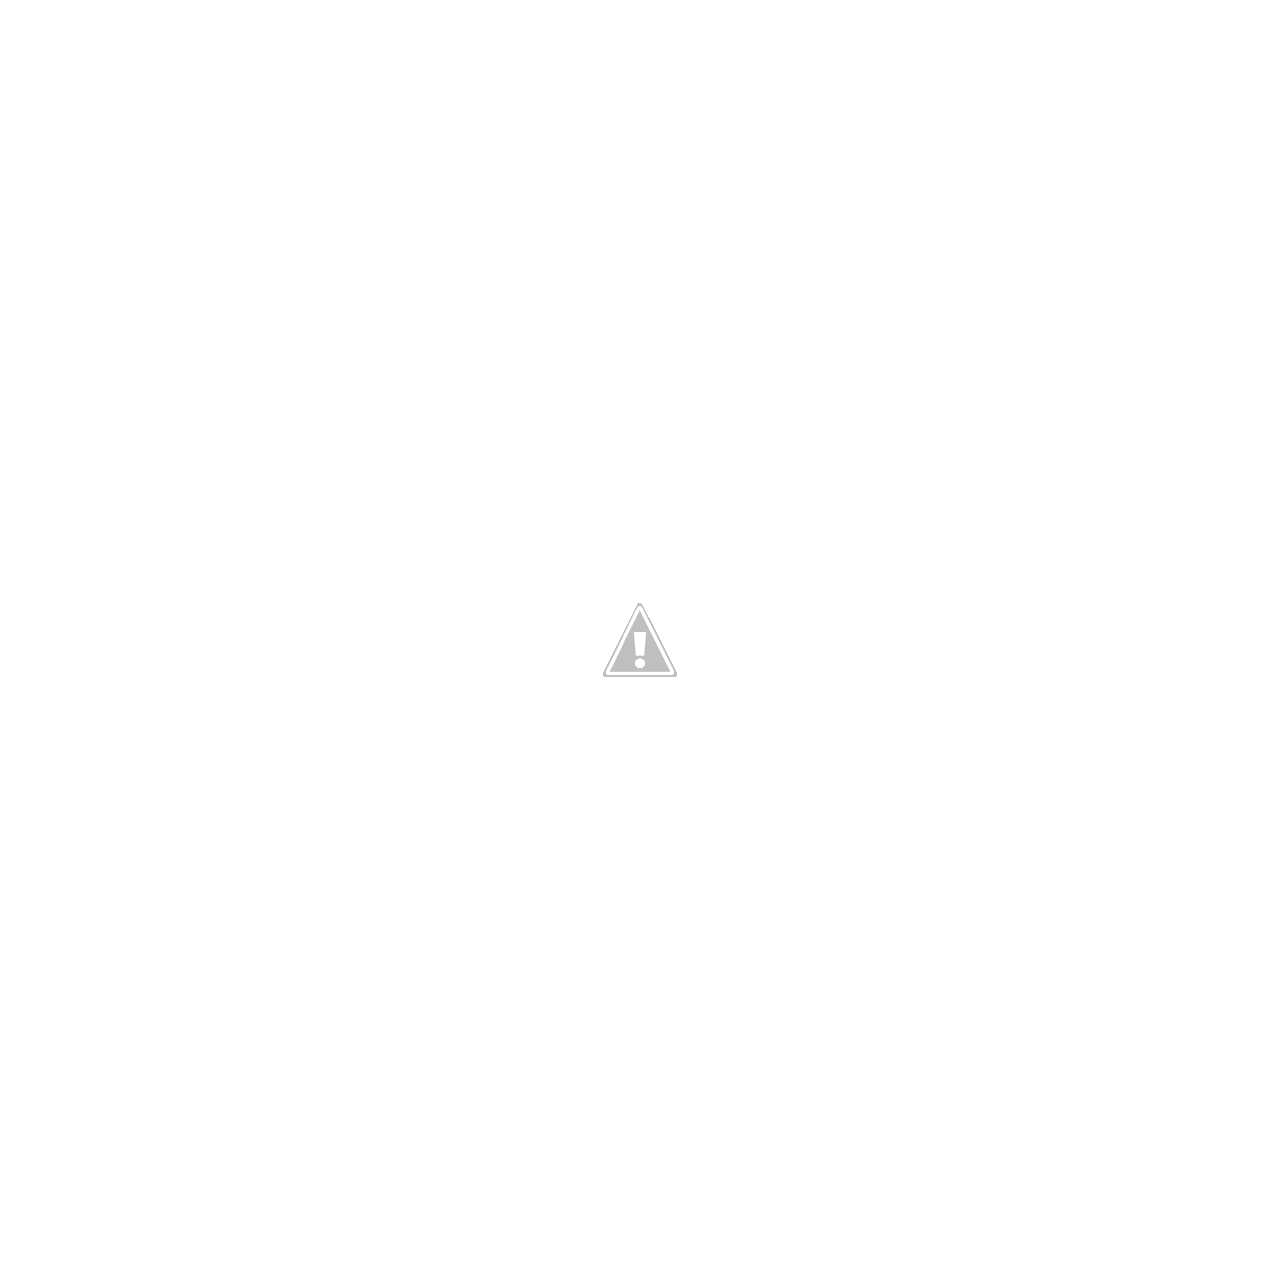 ottoshoop mining bitcoins